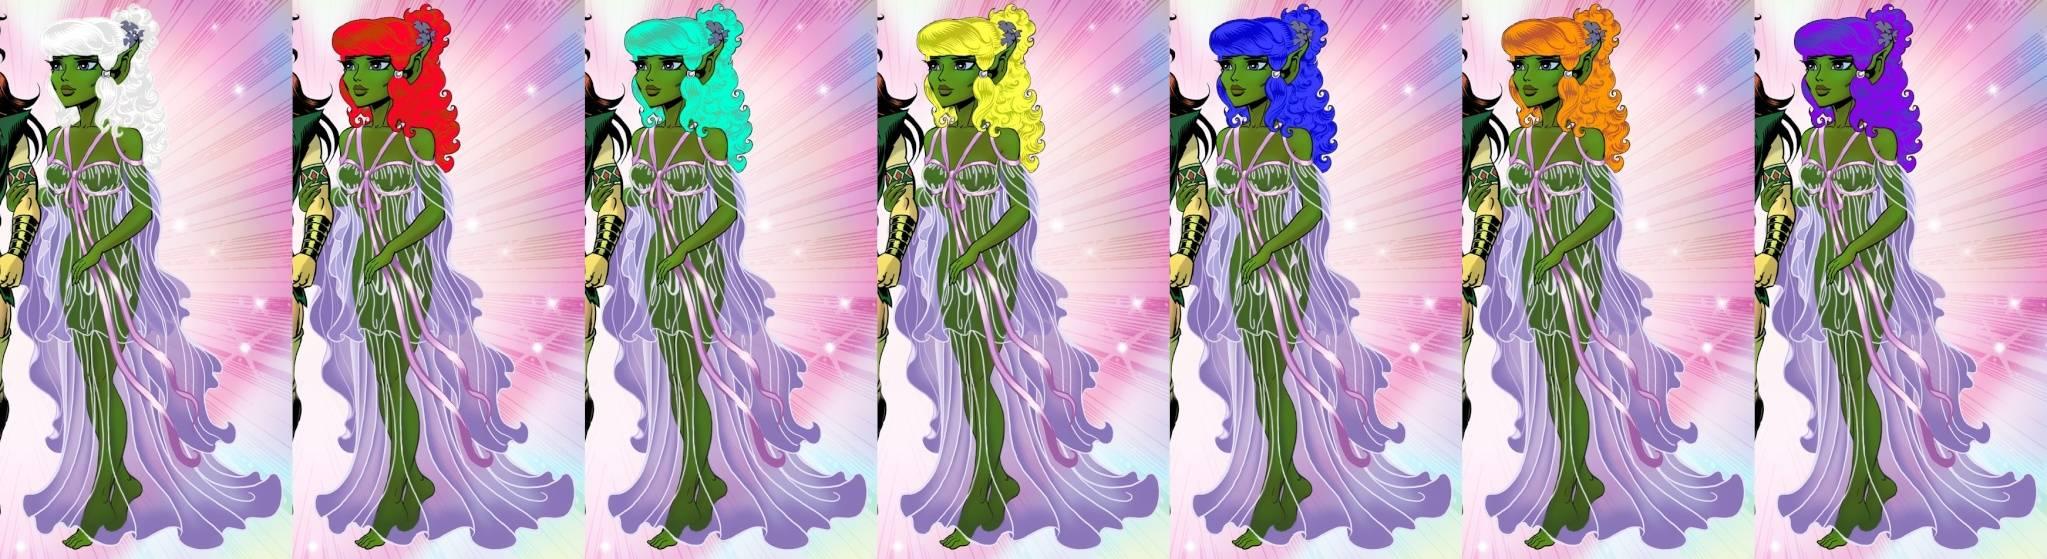 Vaeri's Colorings and Art Moonsh12